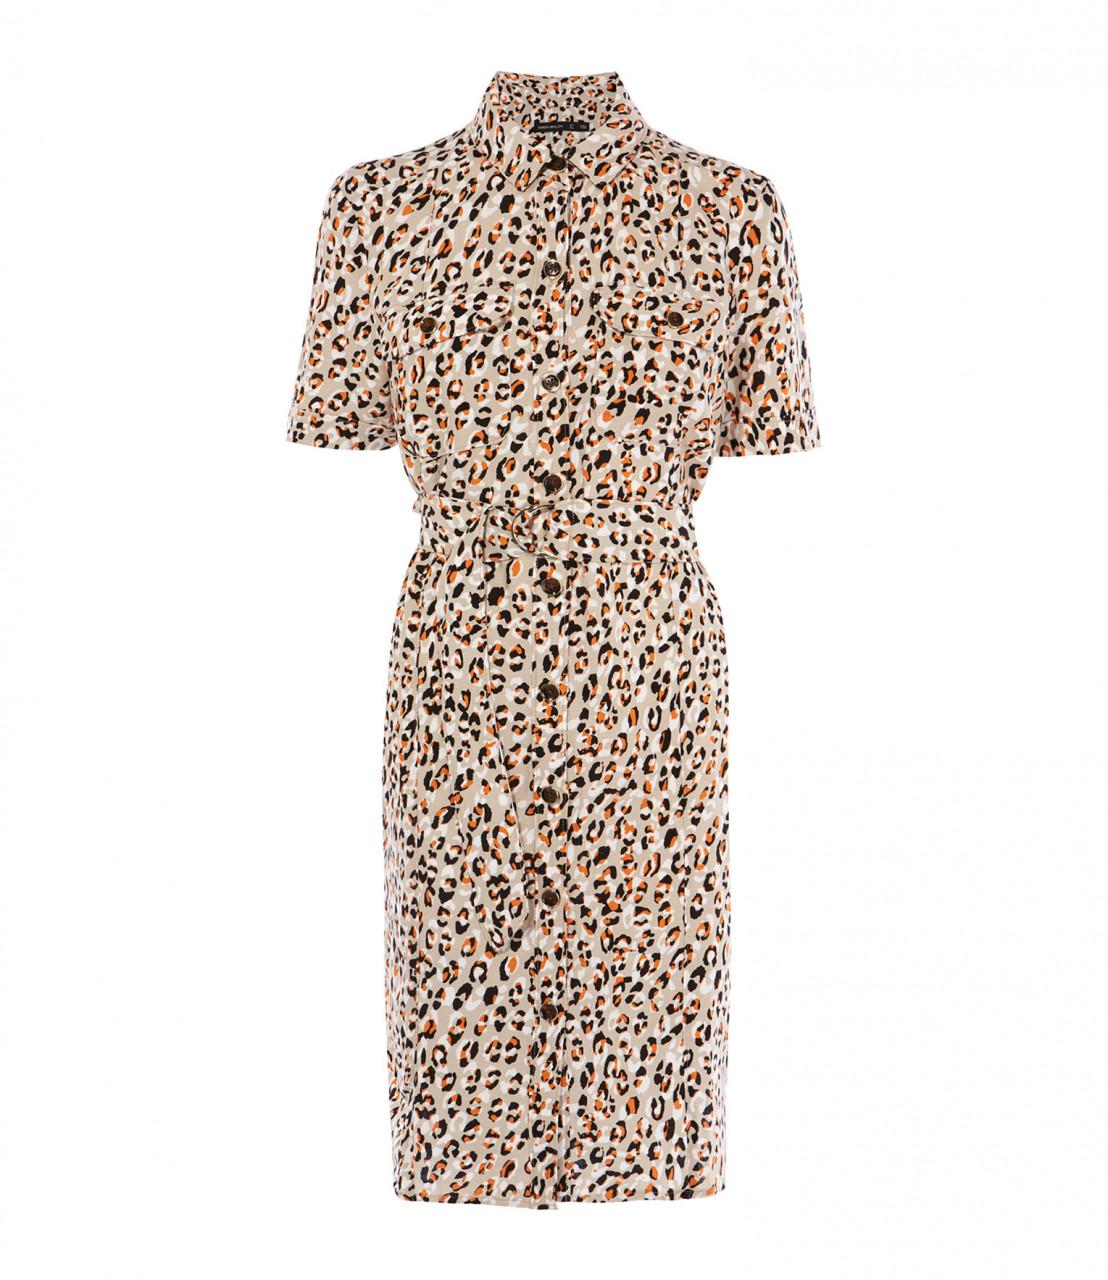 Vestido camisero estampado leopardo